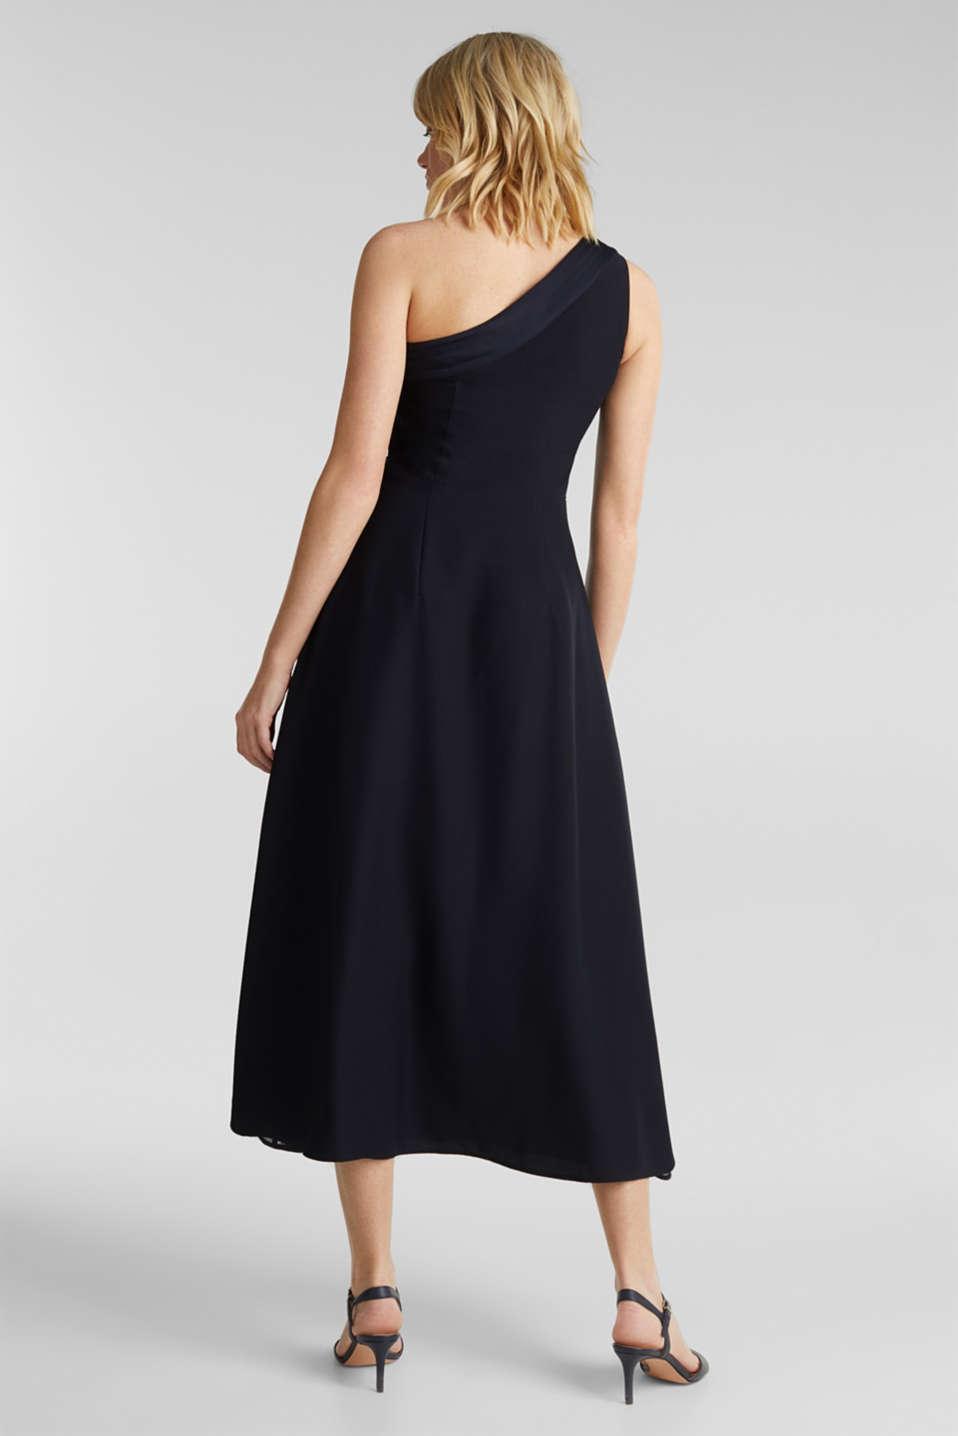 Maxi dress in a one-shoulder design, NAVY, detail image number 1